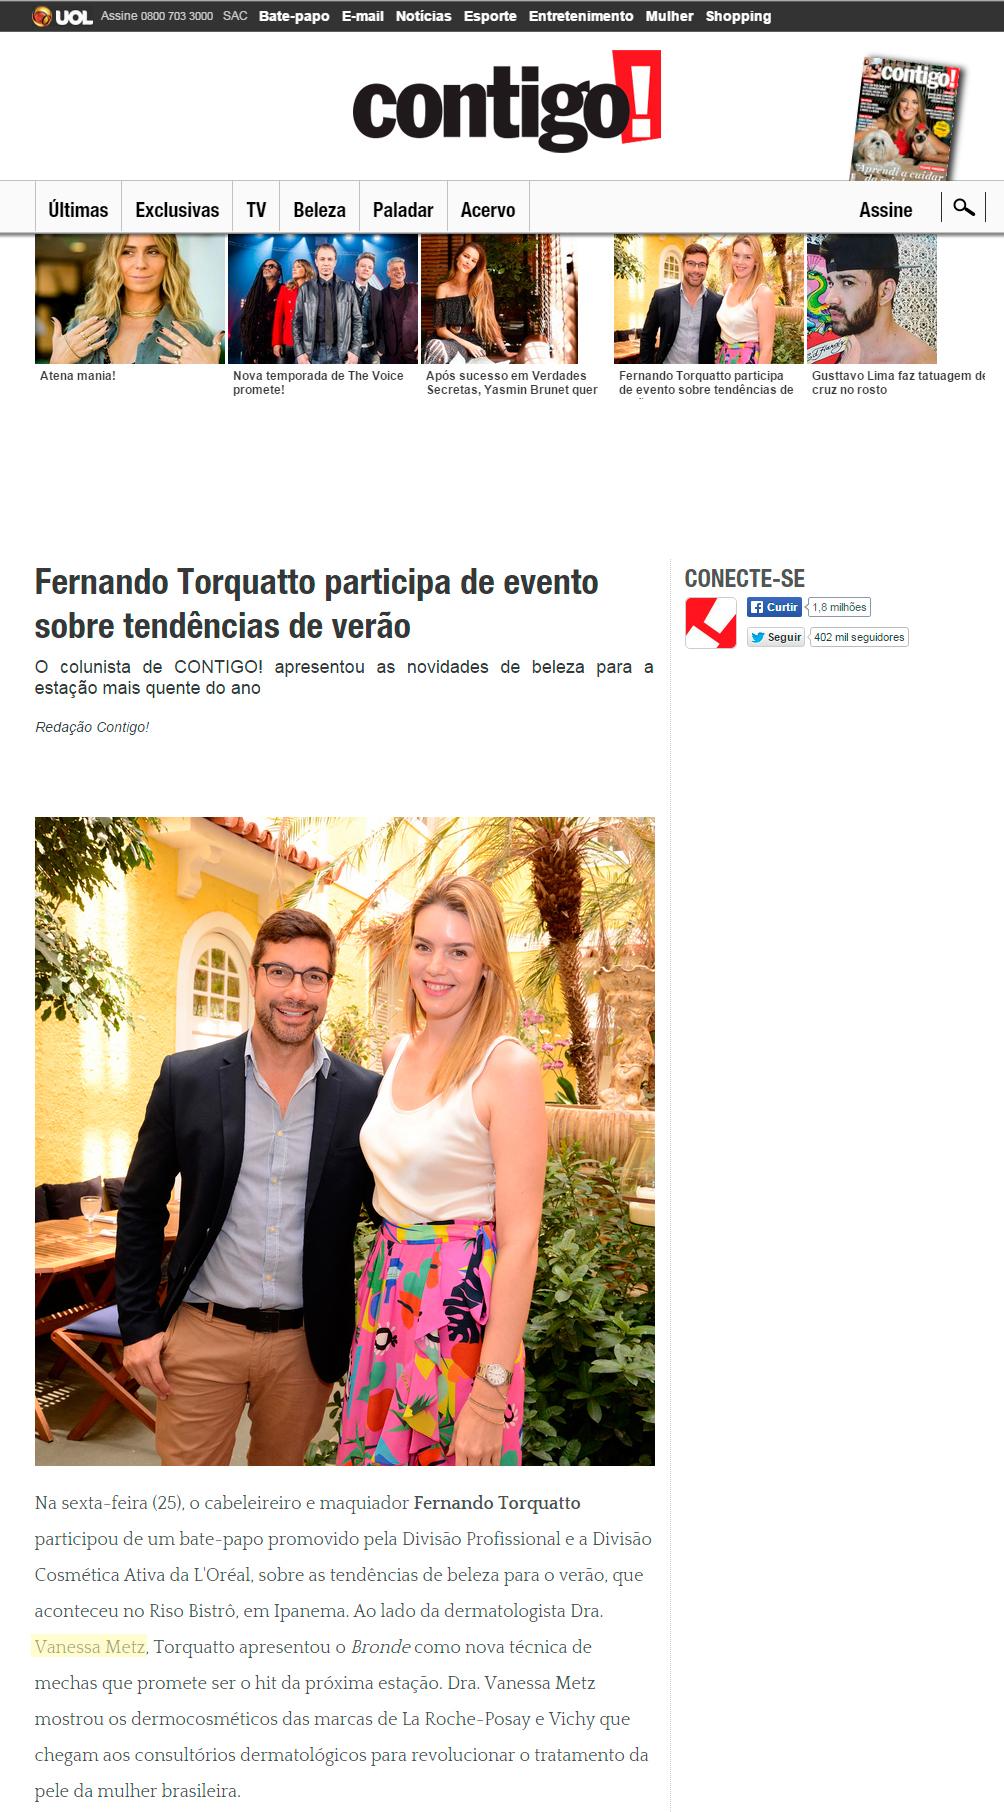 Fernando Torquatto participa de evento sobre tendências de verão